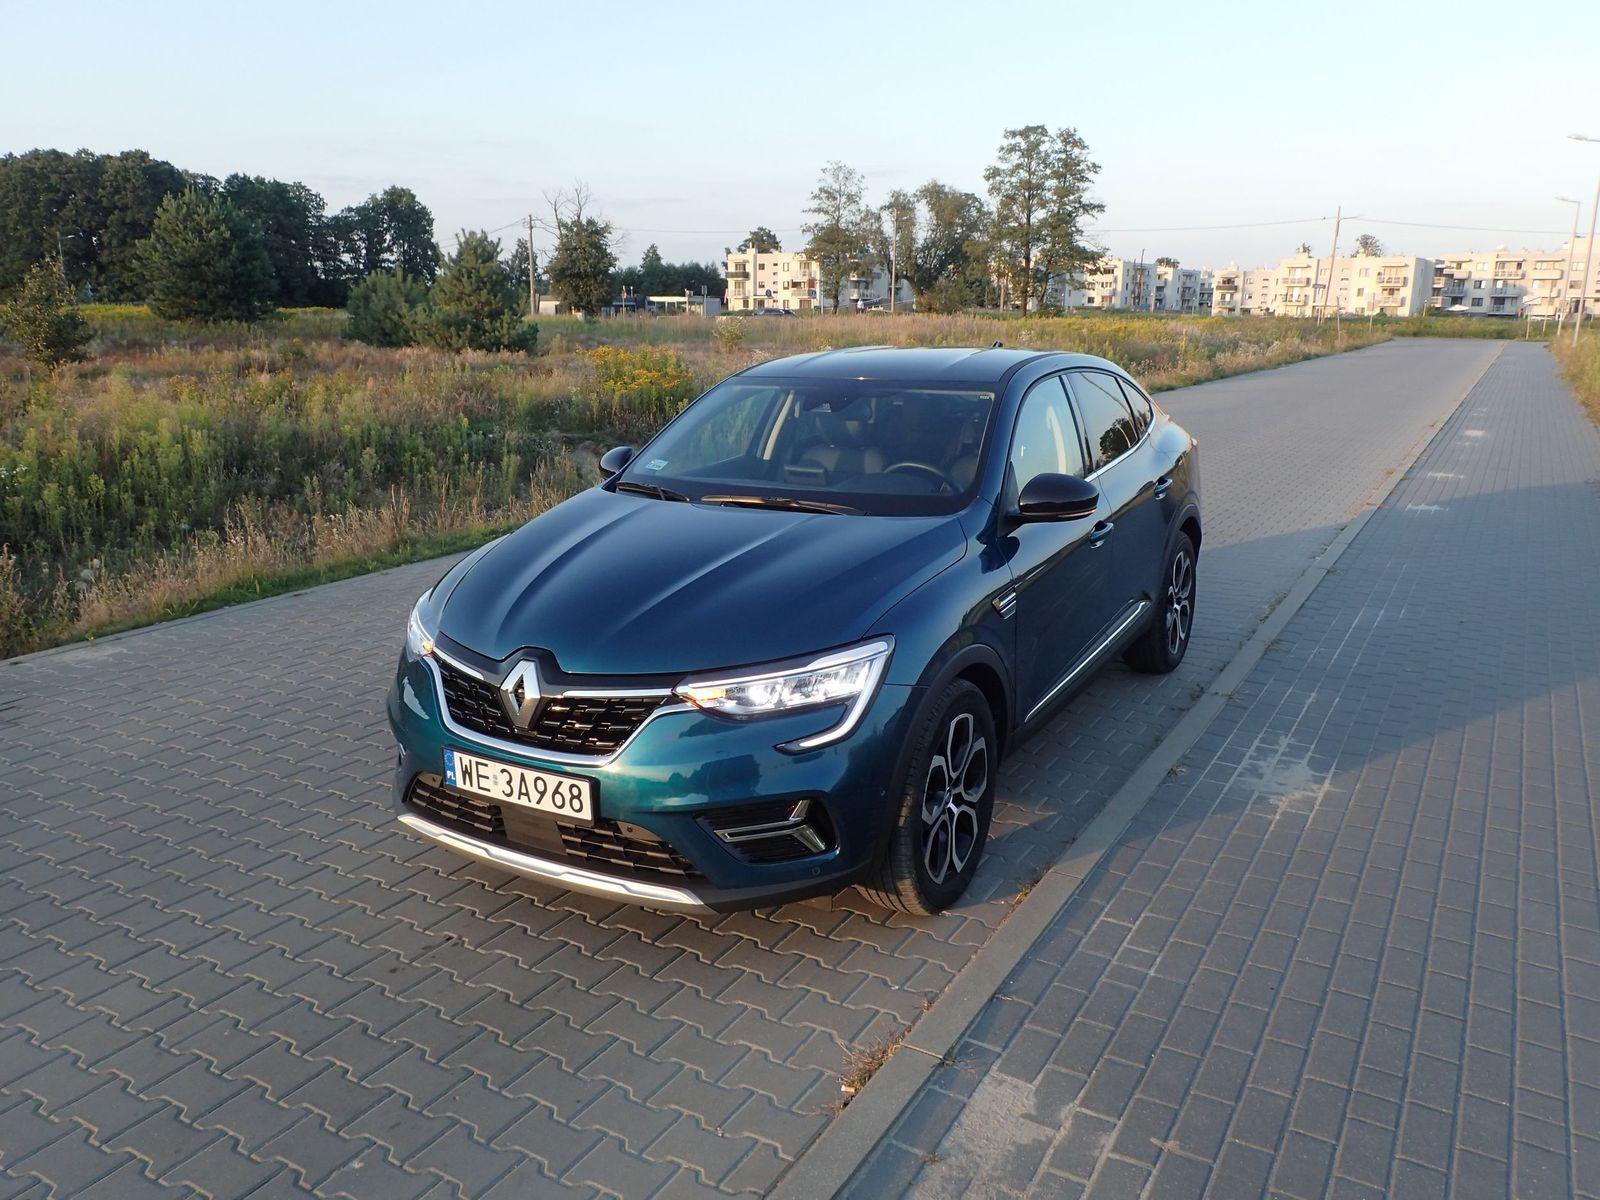 RenaultArkana_2021_test_04